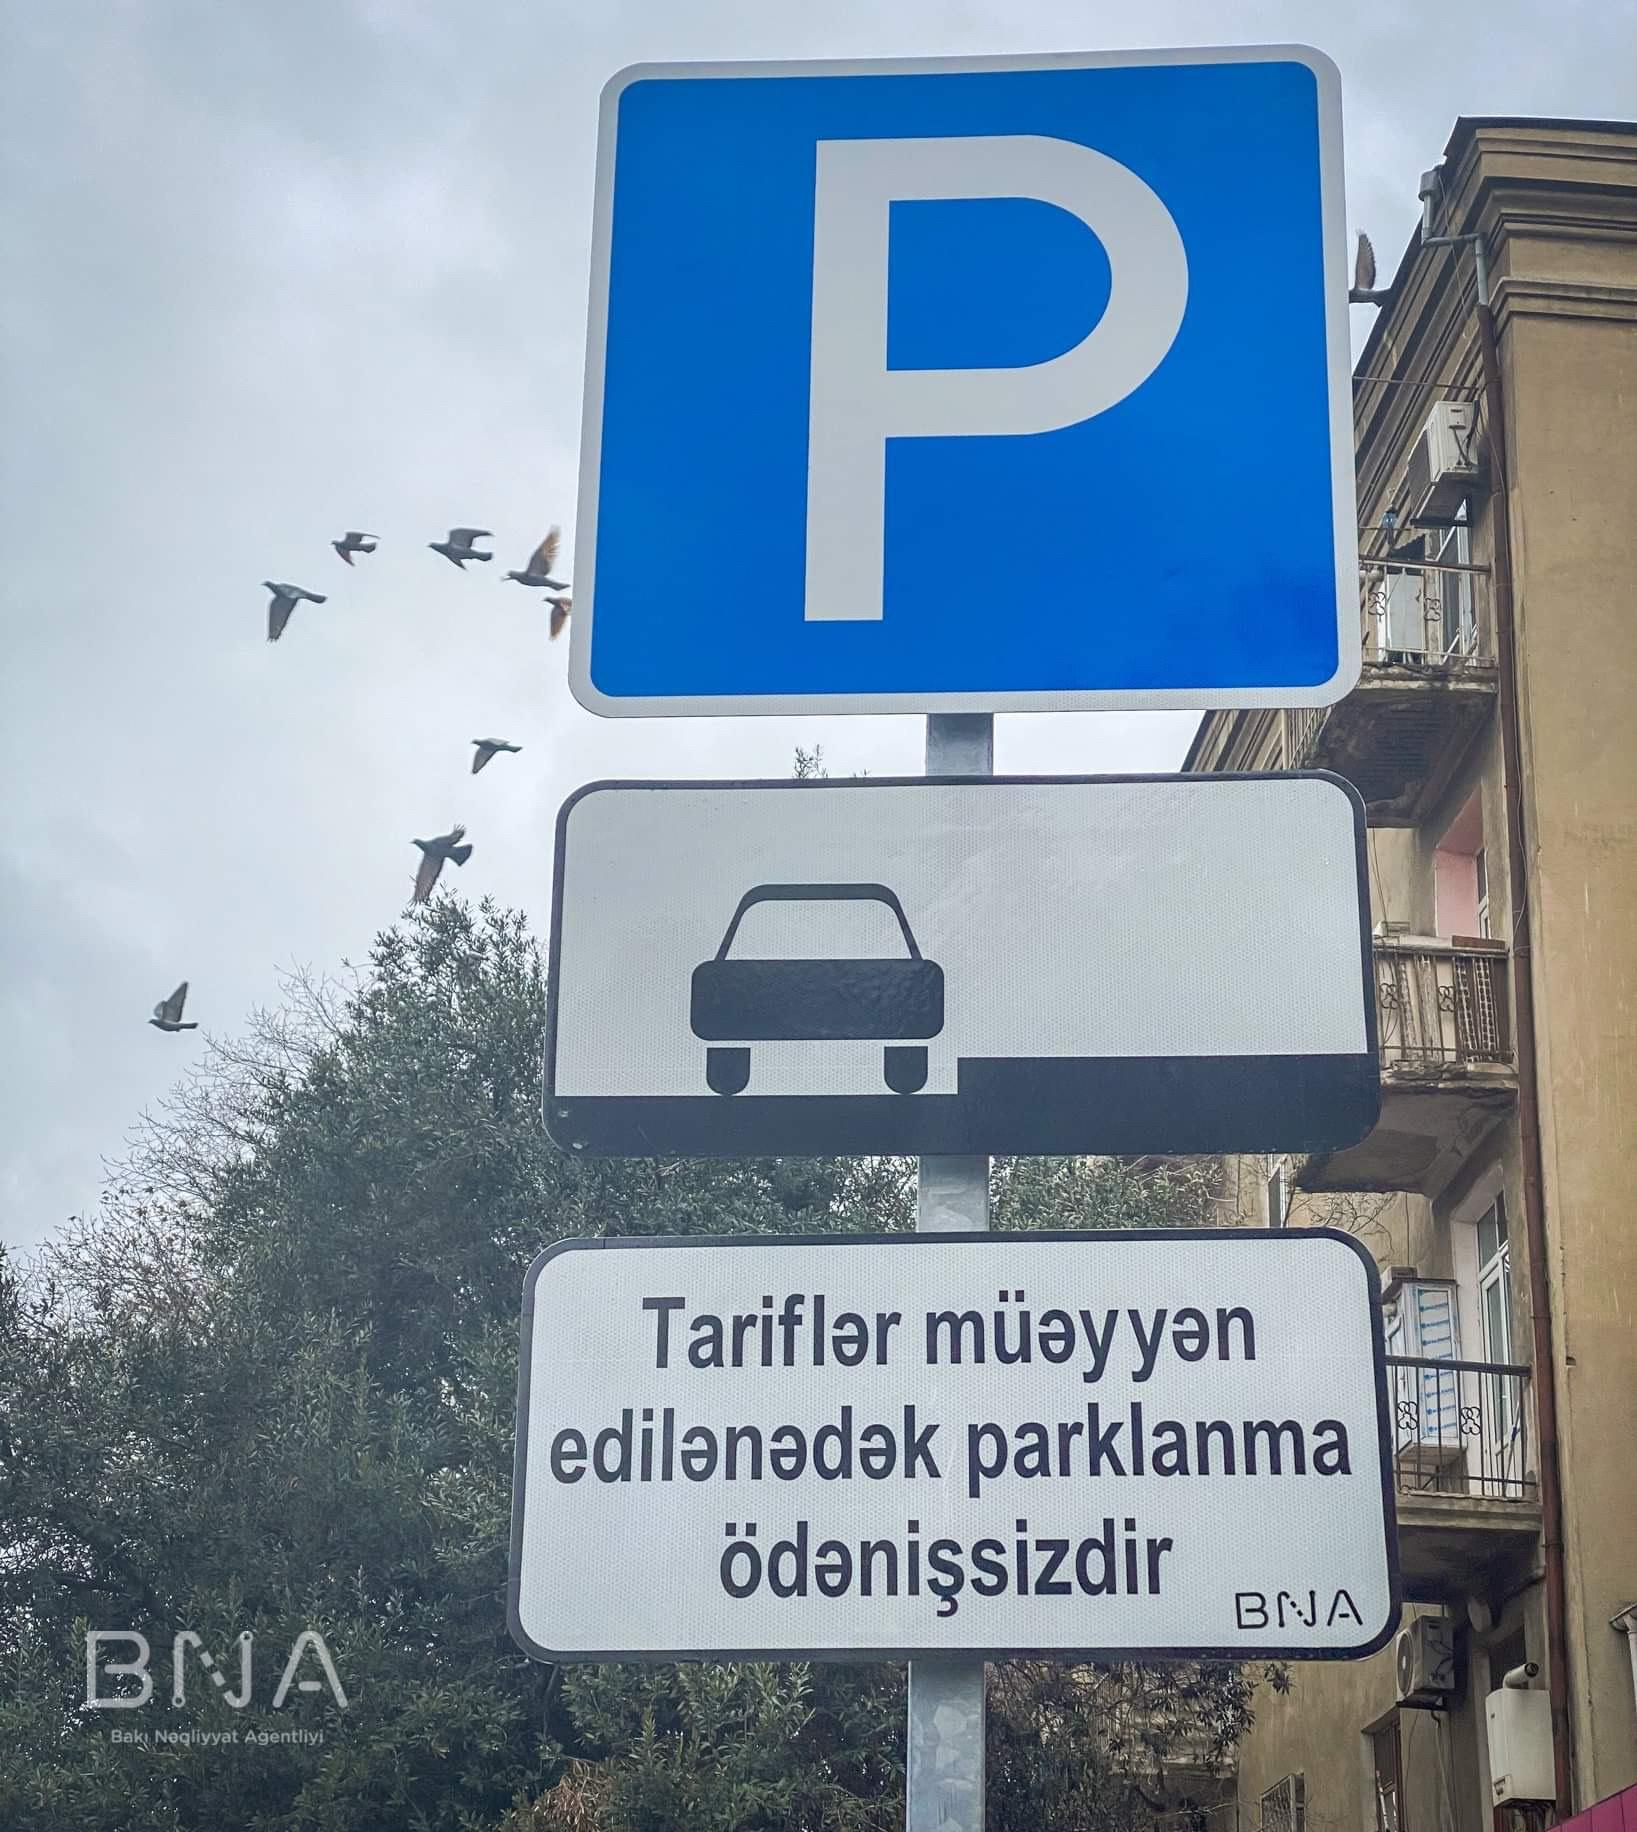 Sürücülərin NƏZƏRİNƏ! Buna görə qətiyyən ödəniş etməyin! – FOTO